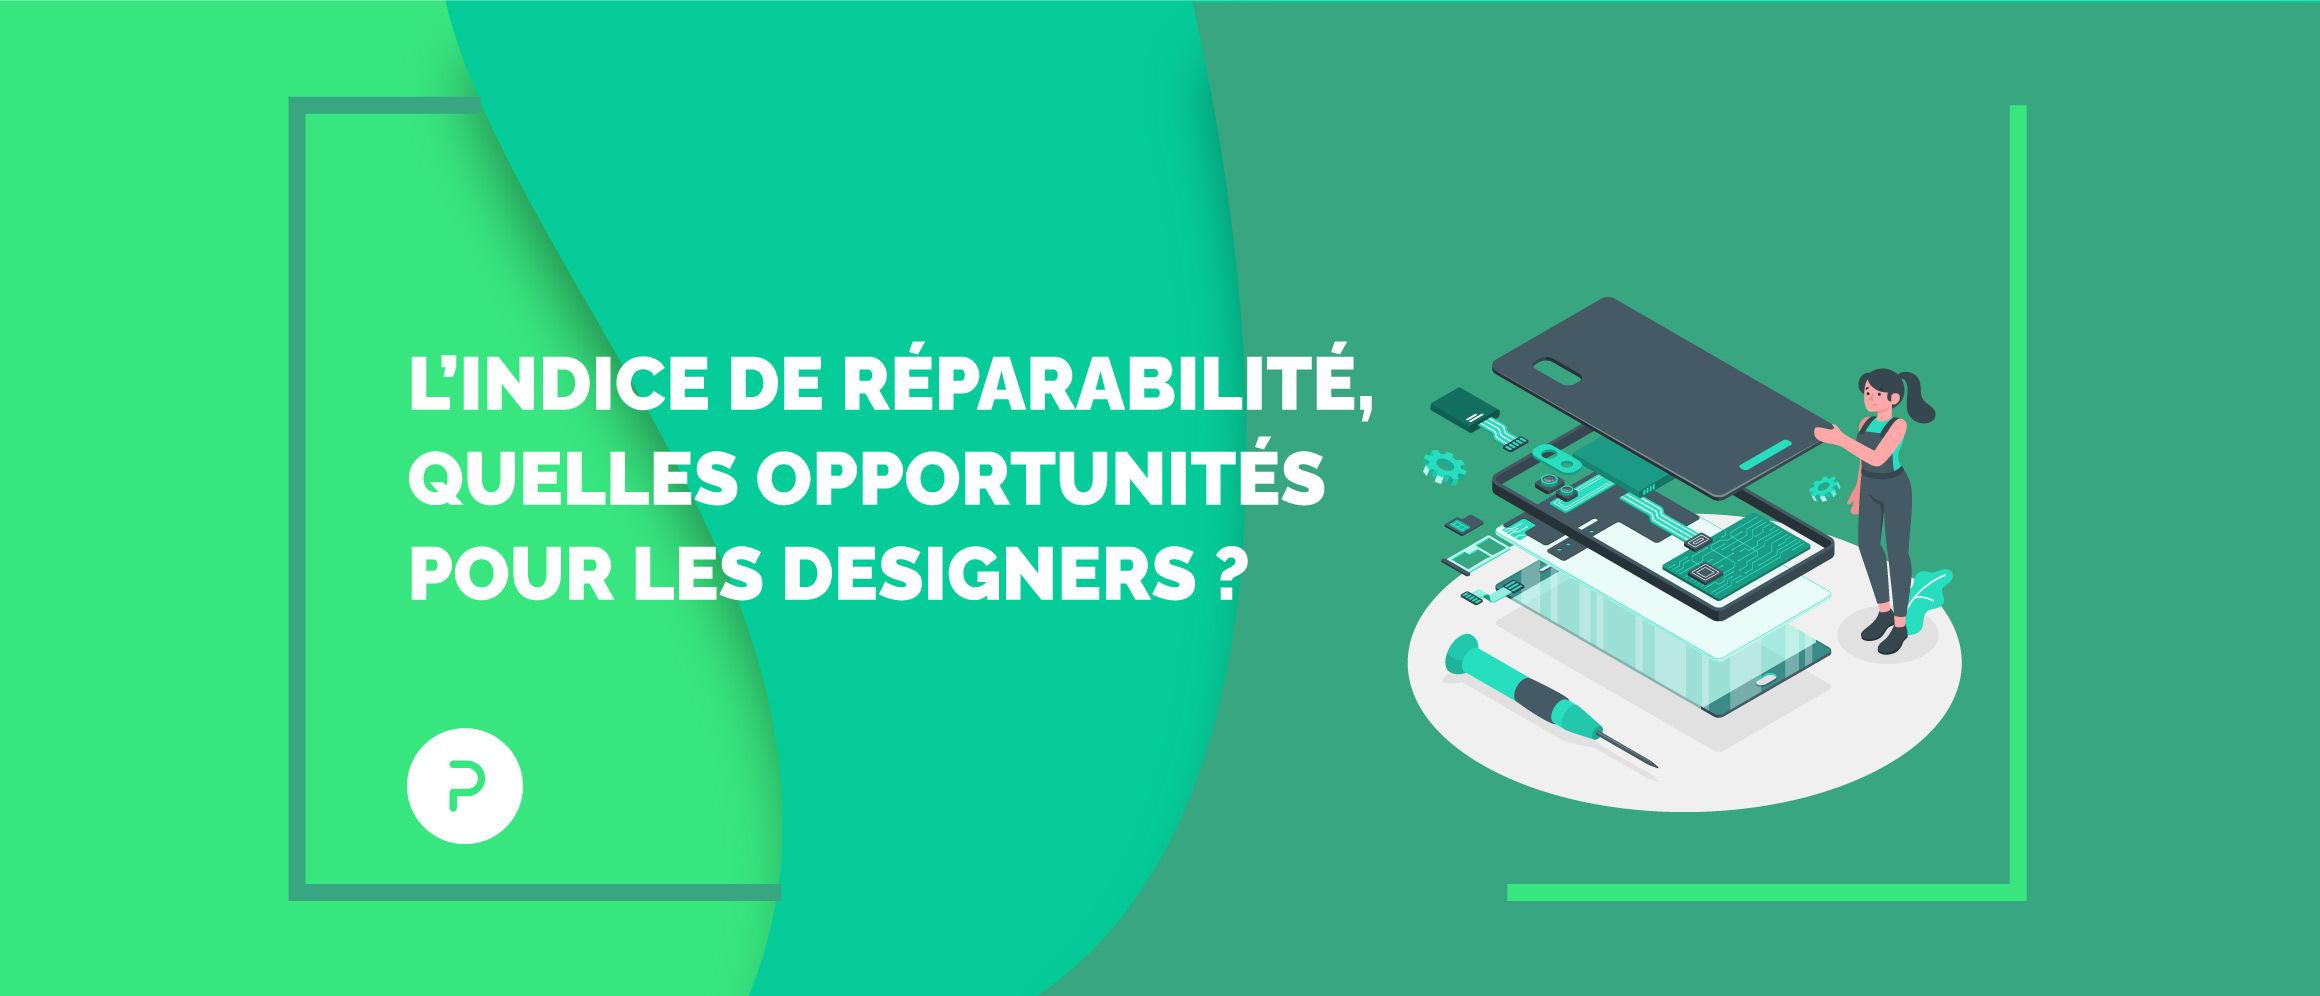 L'indice de réparabilité ouvre la voie à une nouvelle ère pour les designers